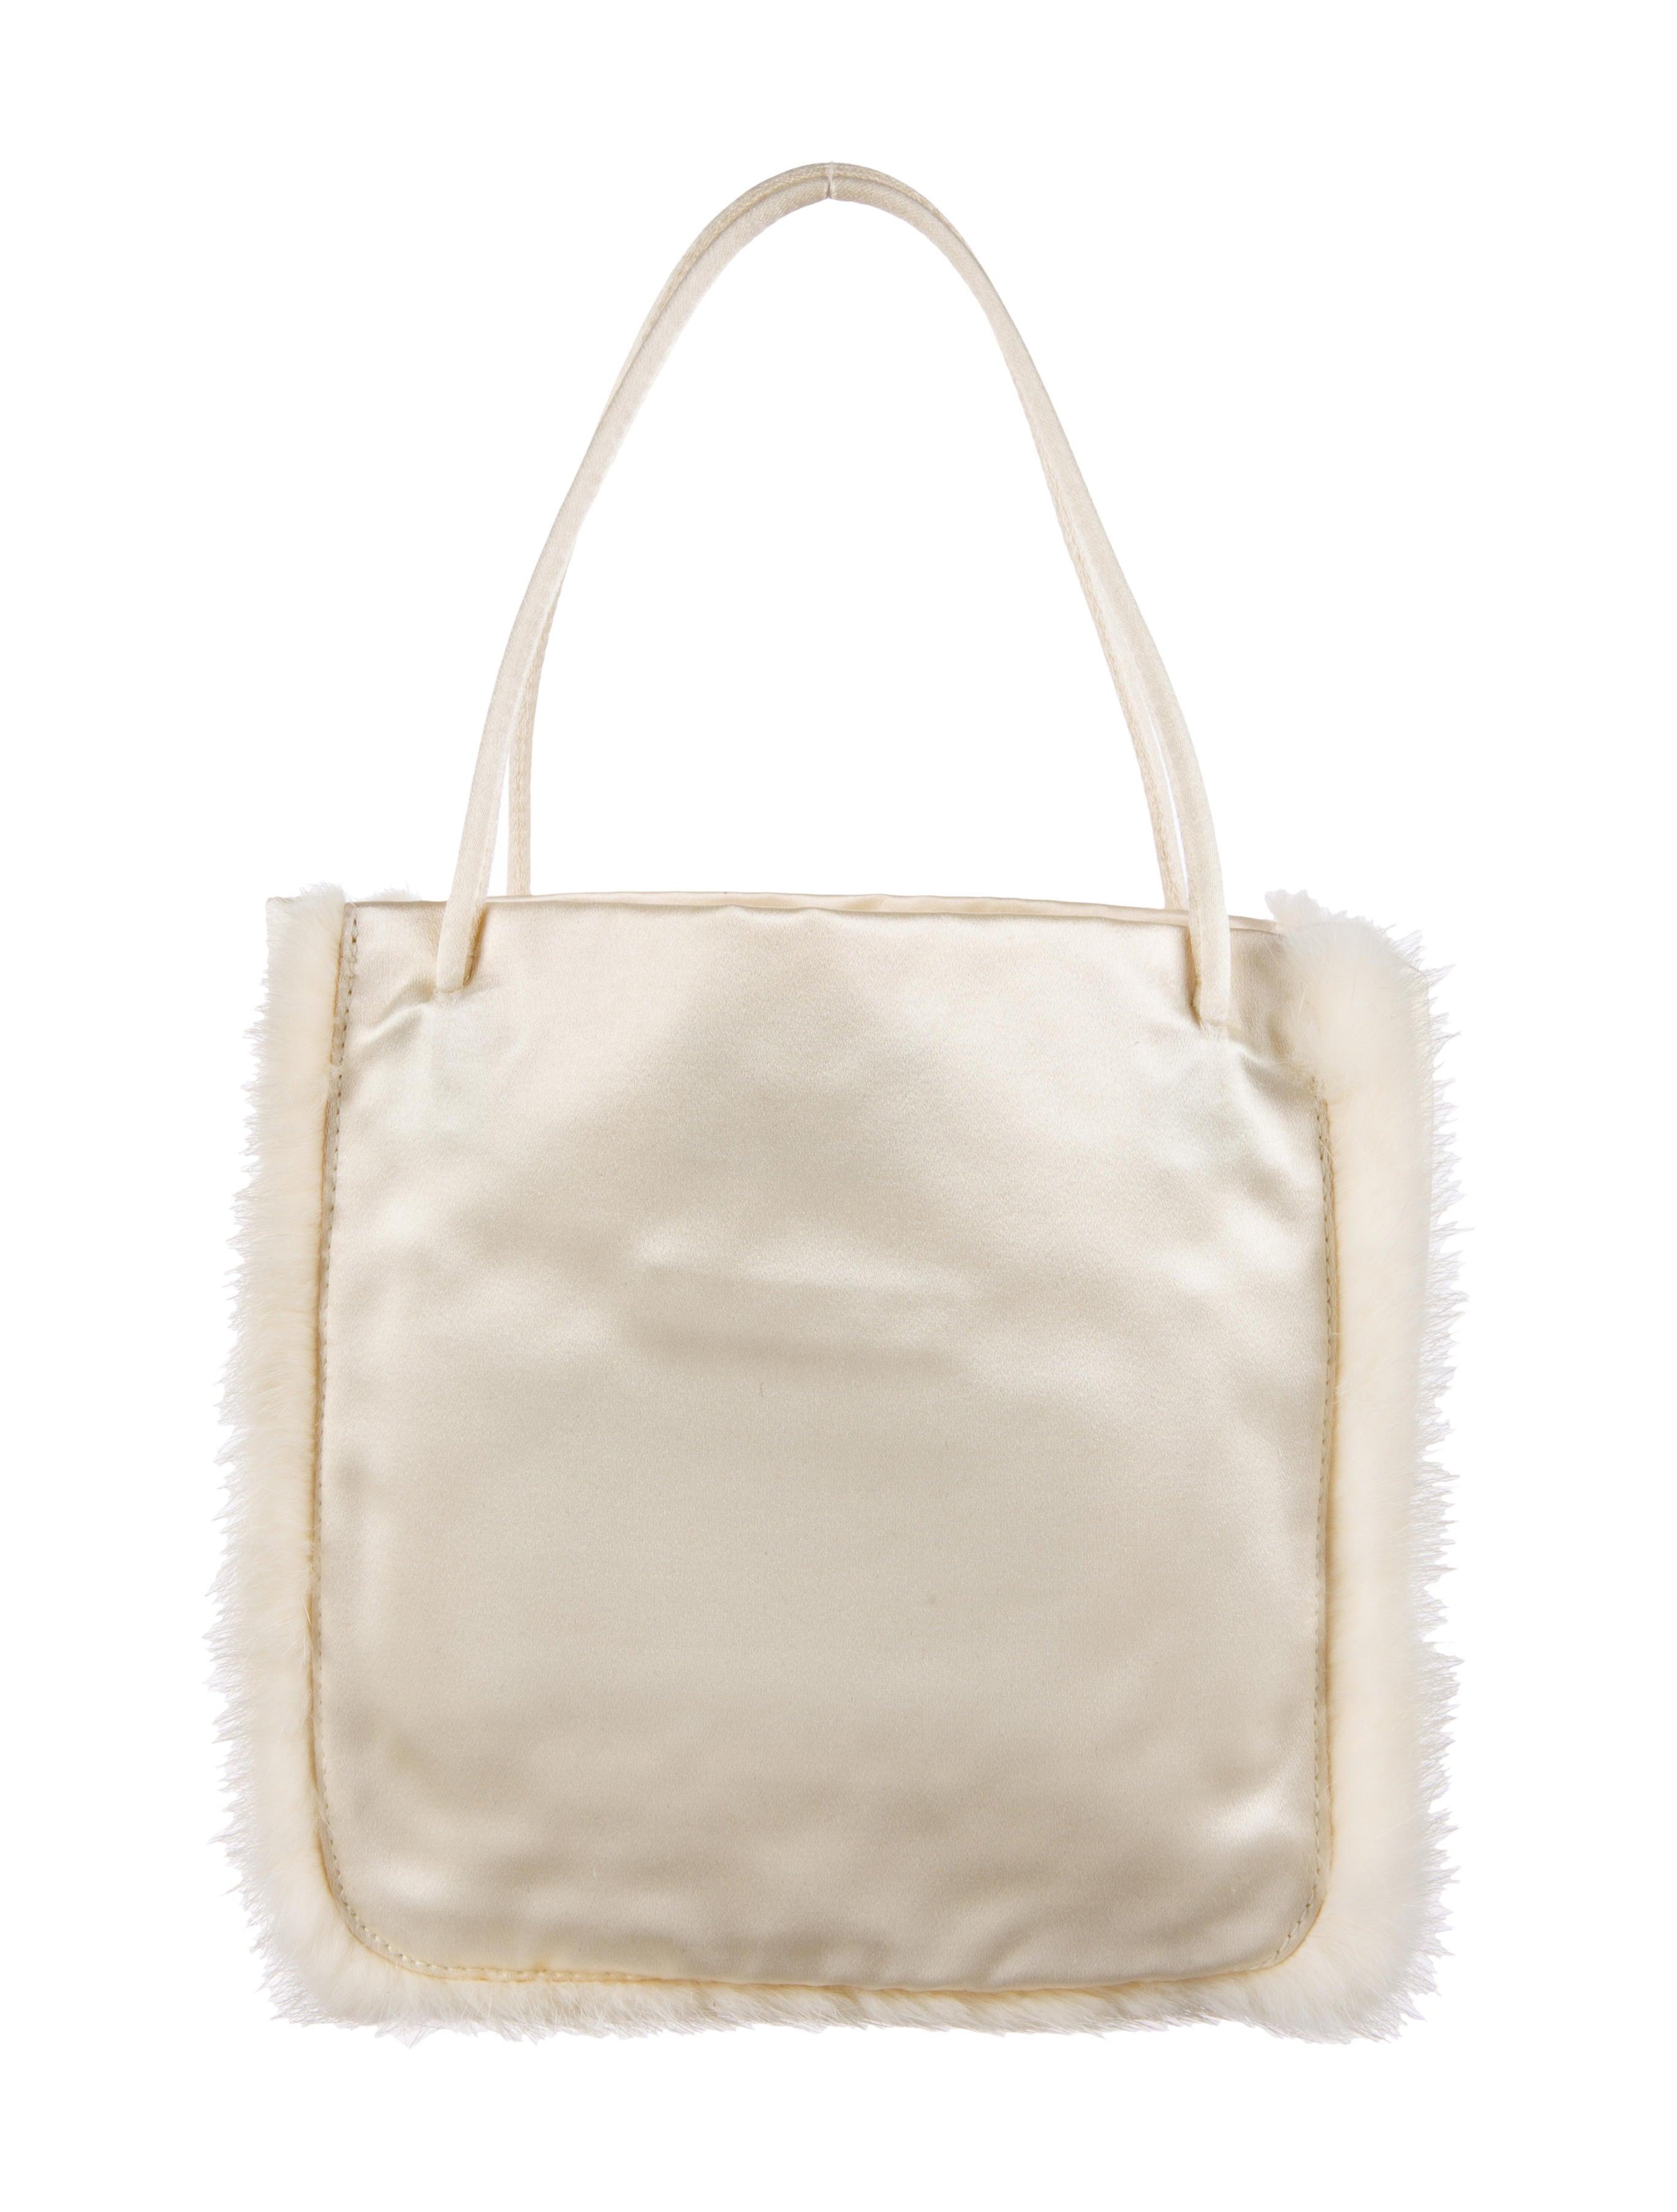 prada nylon crossbody bag small - prada printed satin handle bag, discount prada handbags online